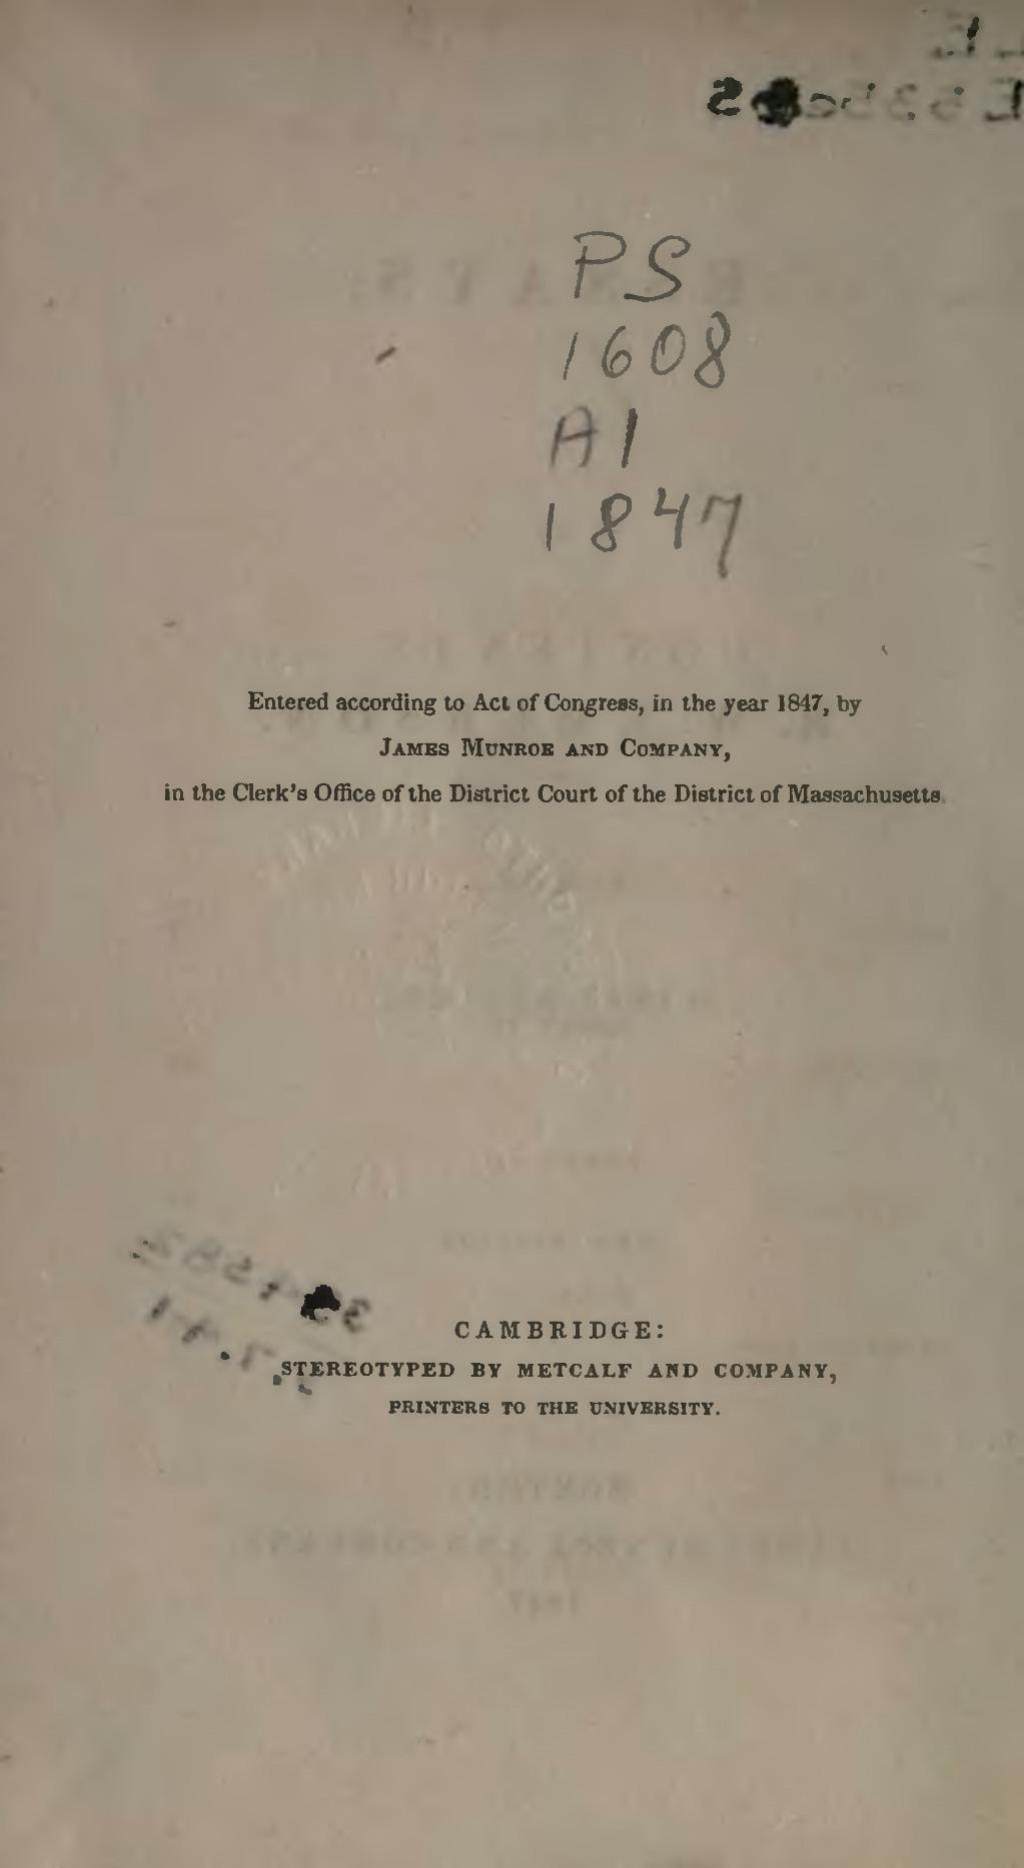 014 Essays First Series Page10 1024px Essays2c 28184729 Djvu Essay Stunning In Zen Buddhism Emerson's Value Large